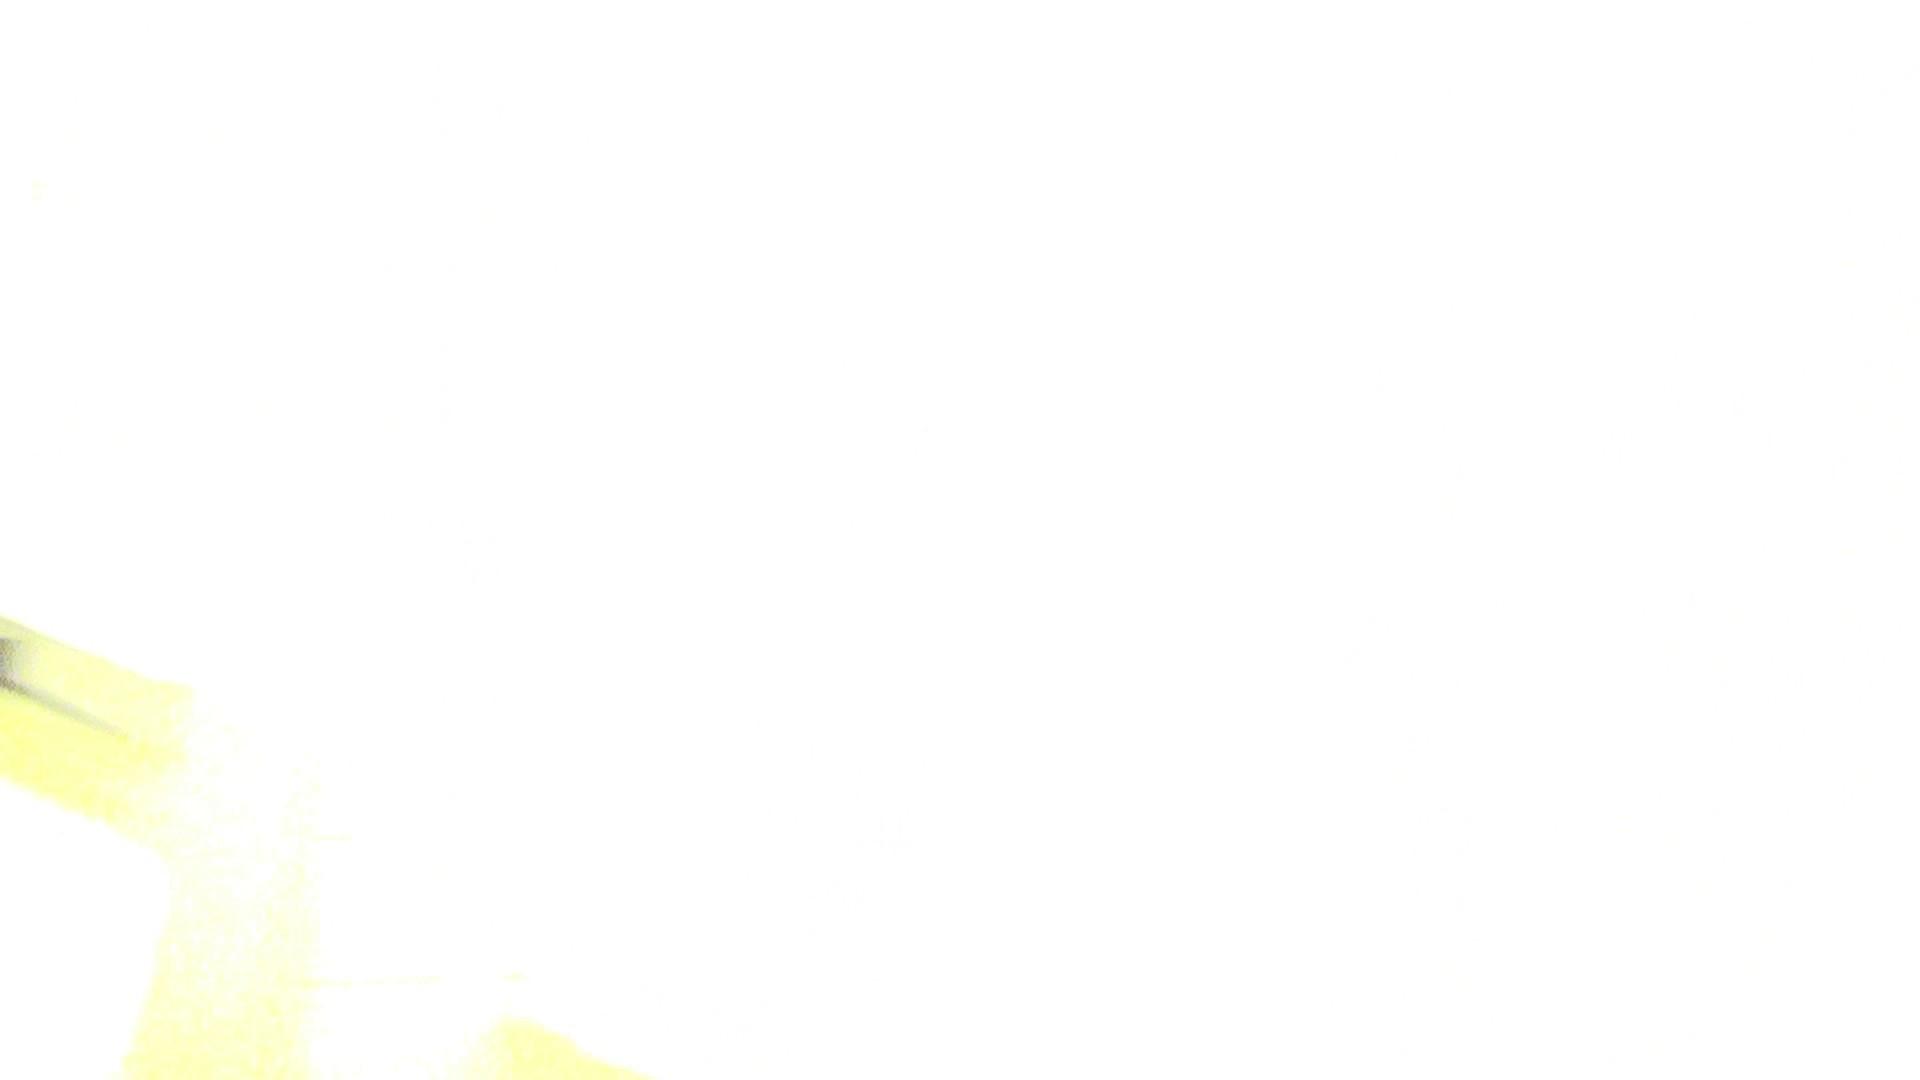 100個限定販売 至高下半身盗撮 プレミアム Vol.6 ハイビジョン 洗面所 | ギャル  110画像 67